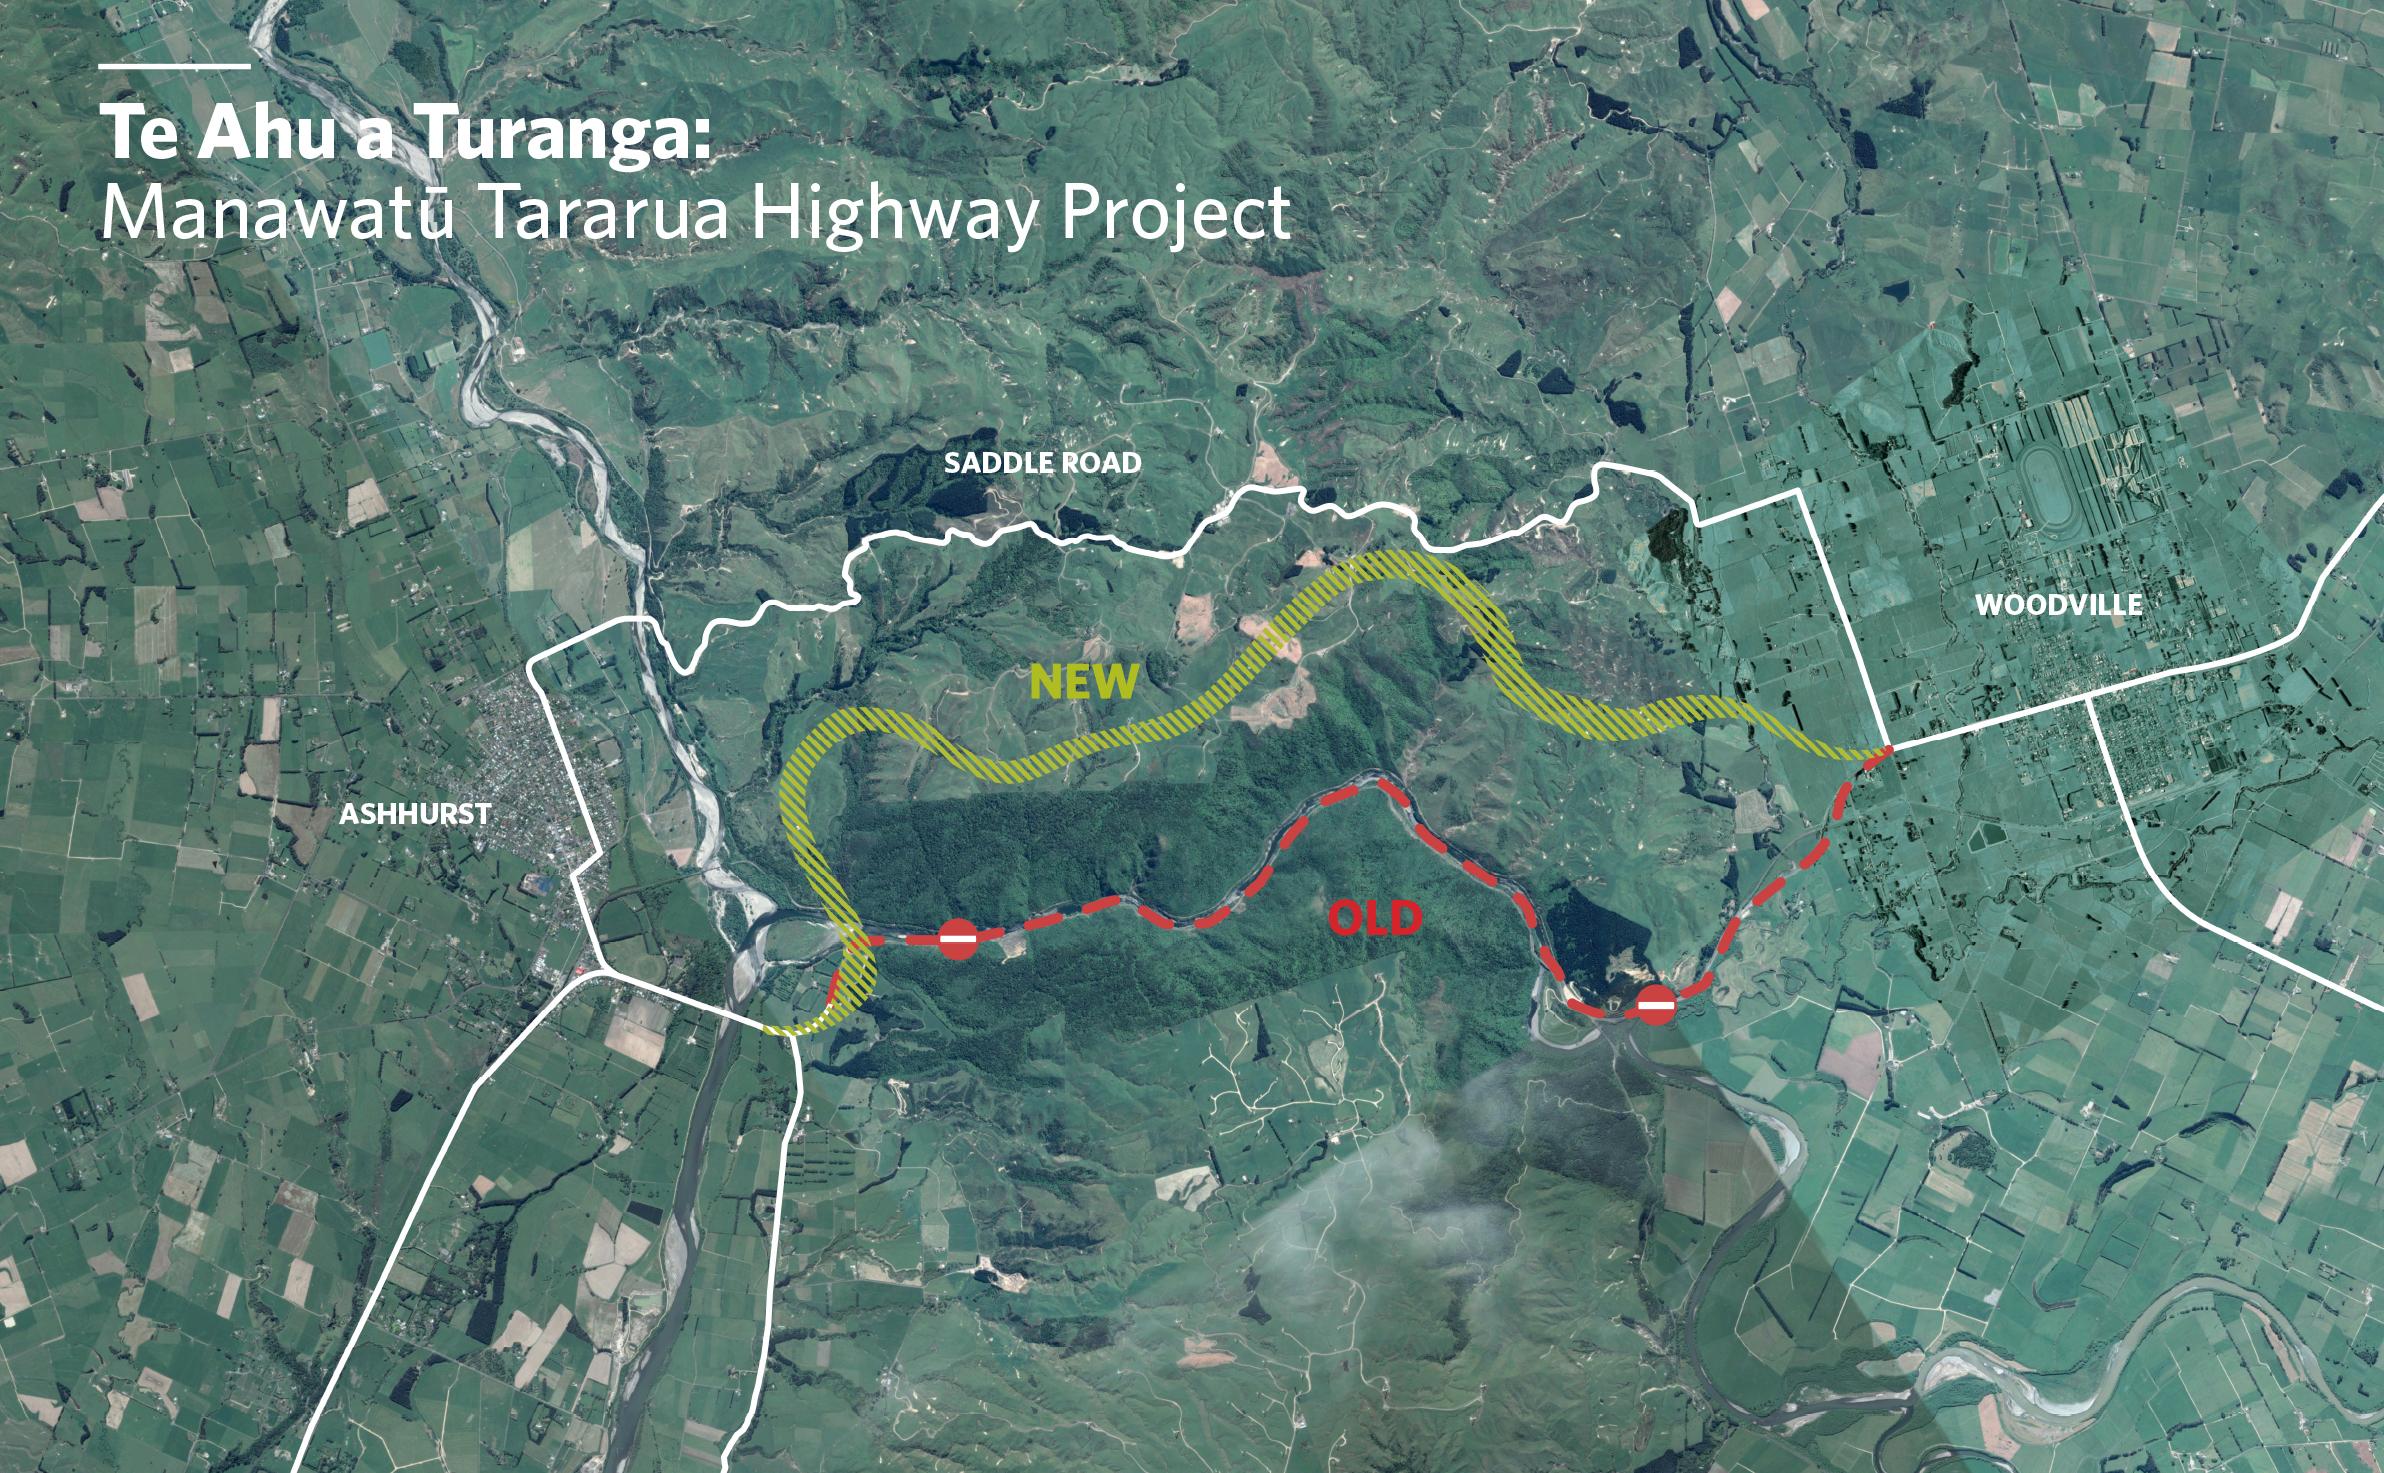 Te Ahu and Turanga: Manawatū Turanga Highway map